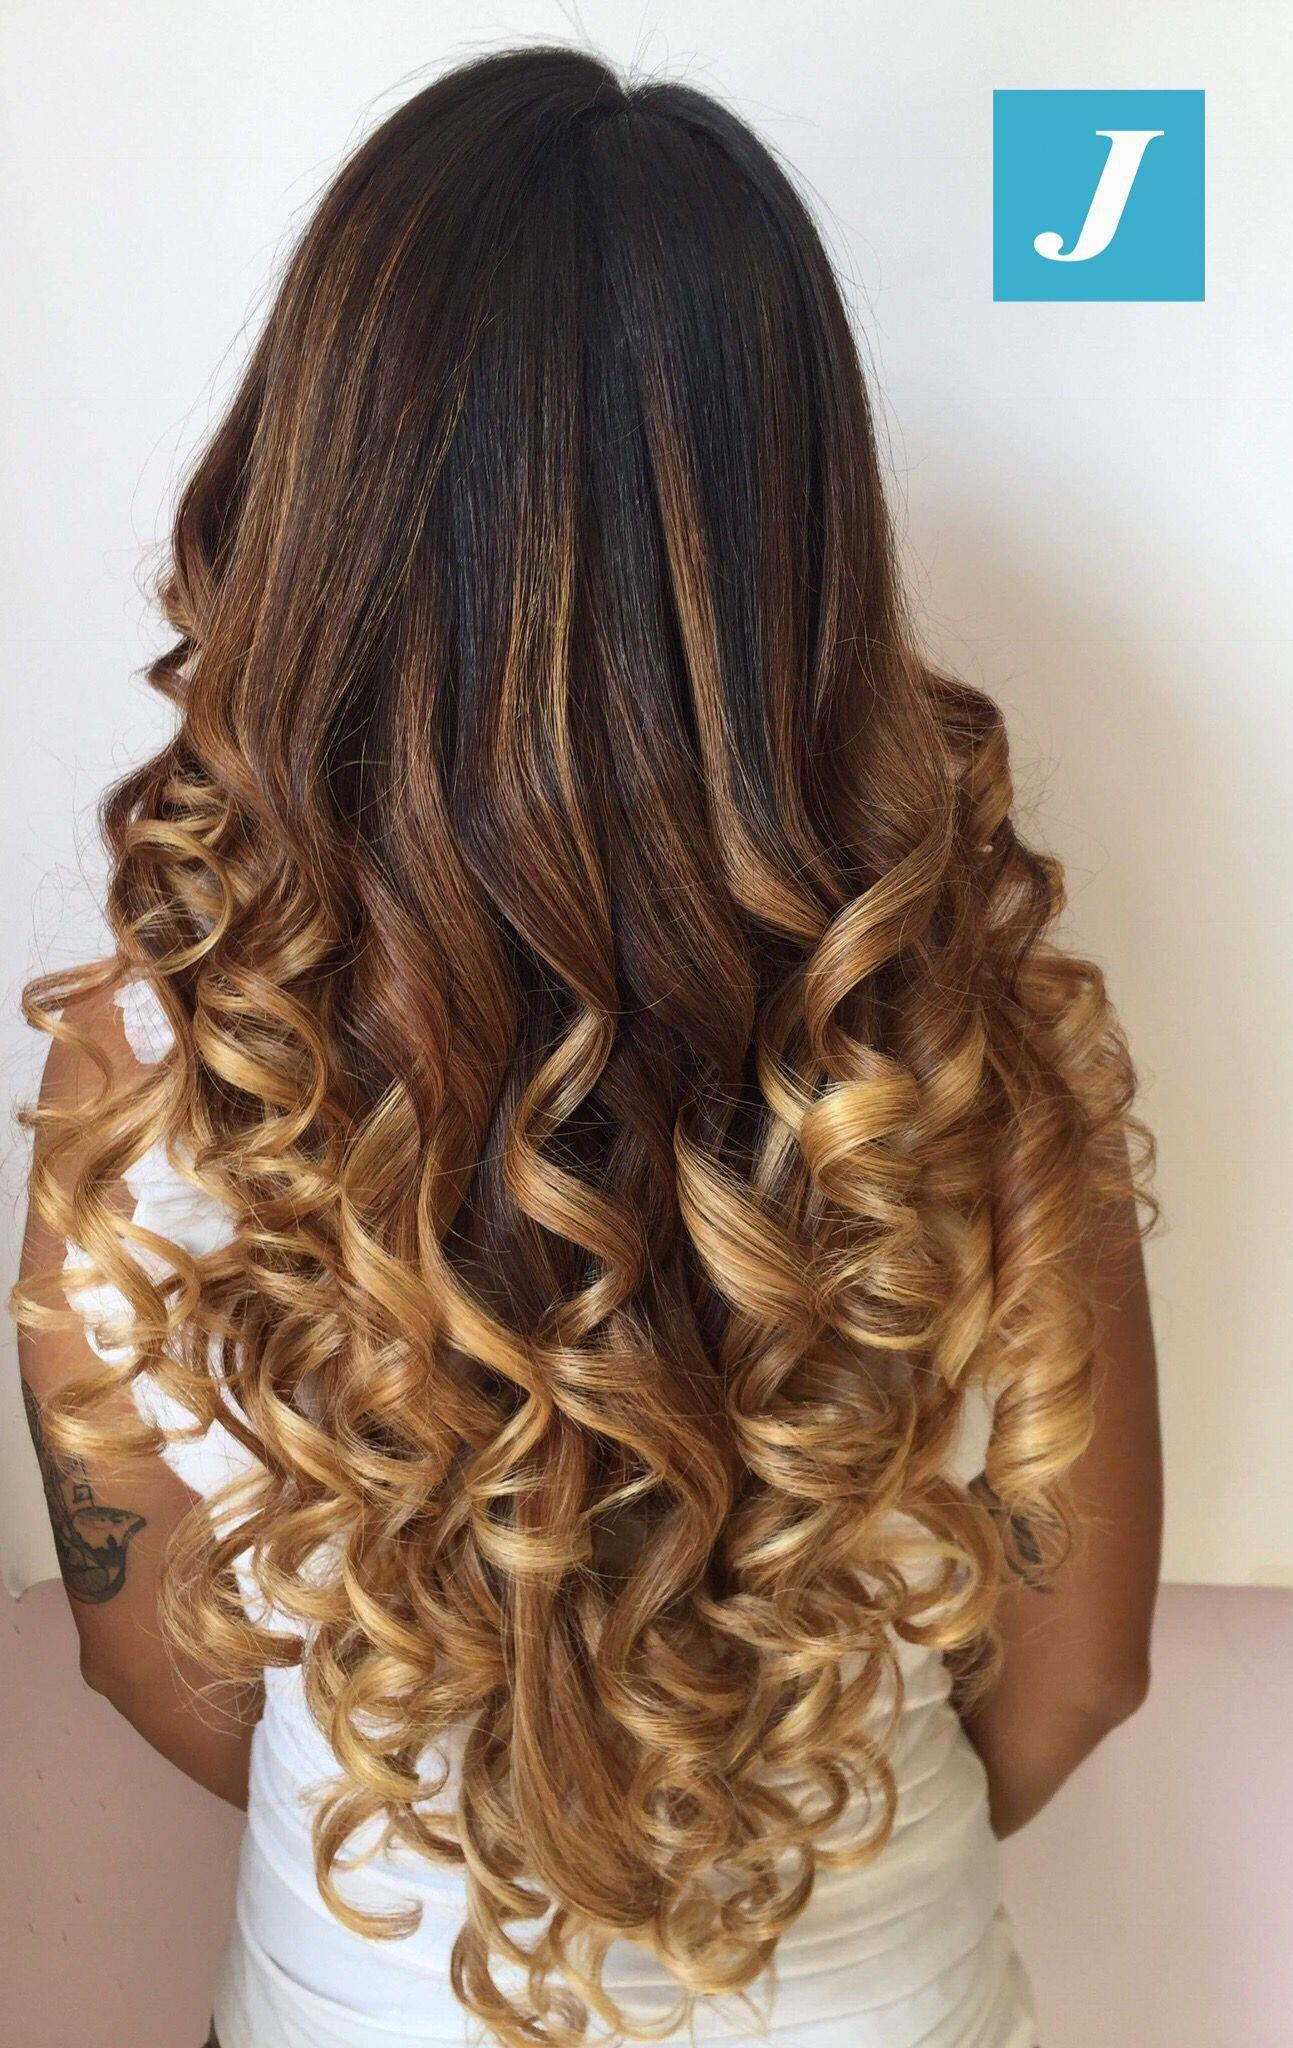 20+ Curls For Long Thin Hair